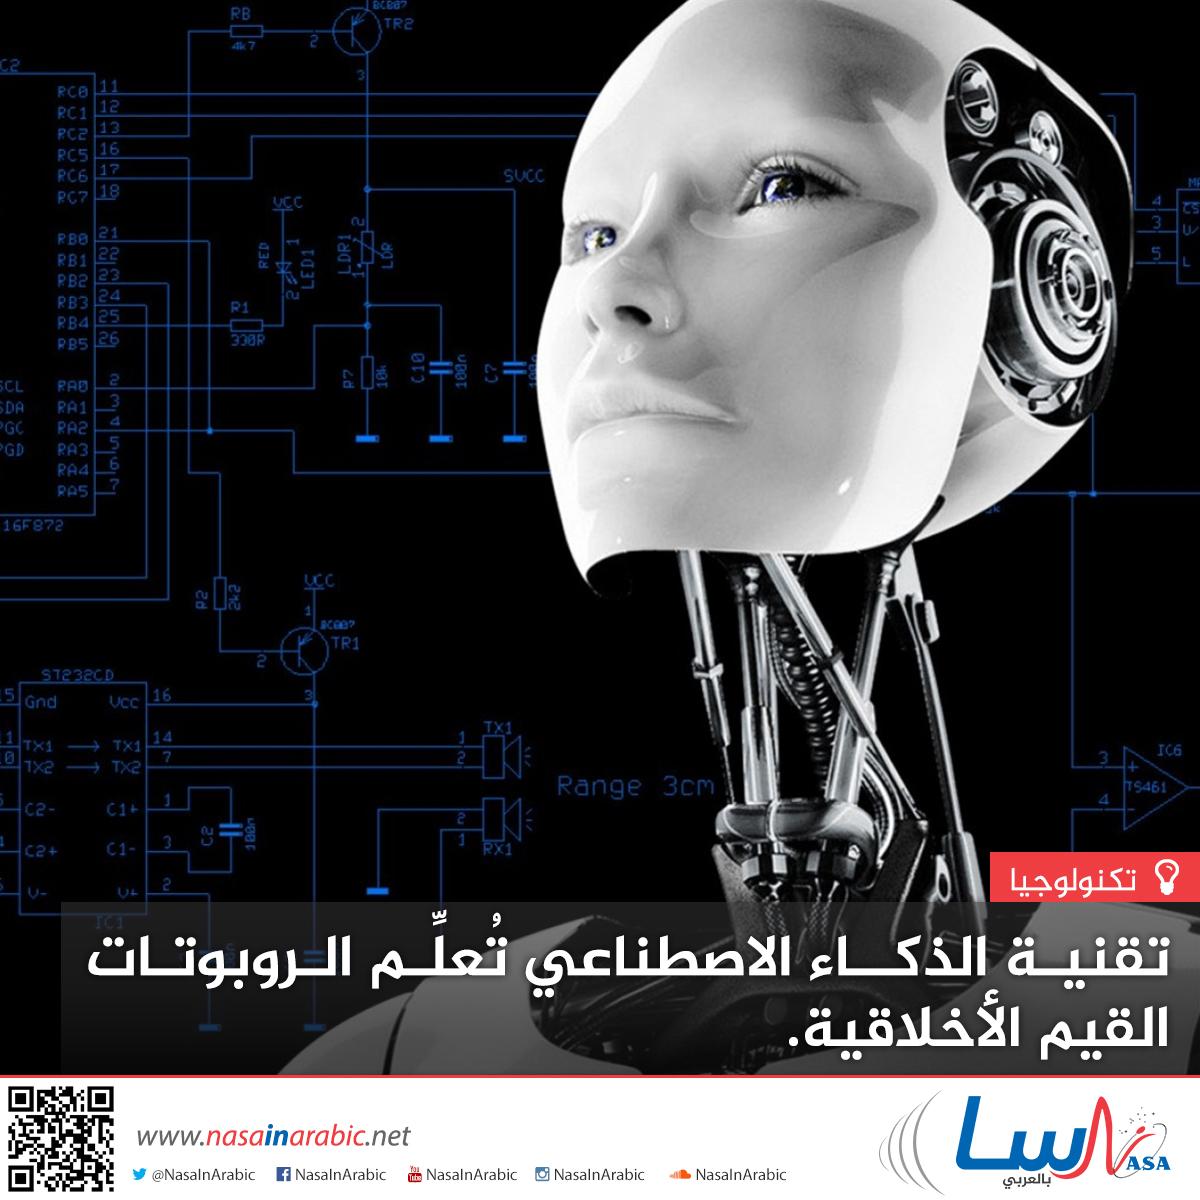 تقنية الذكاء الاصطناعي تُعلِّم الروبوتات القيم الأخلاقية